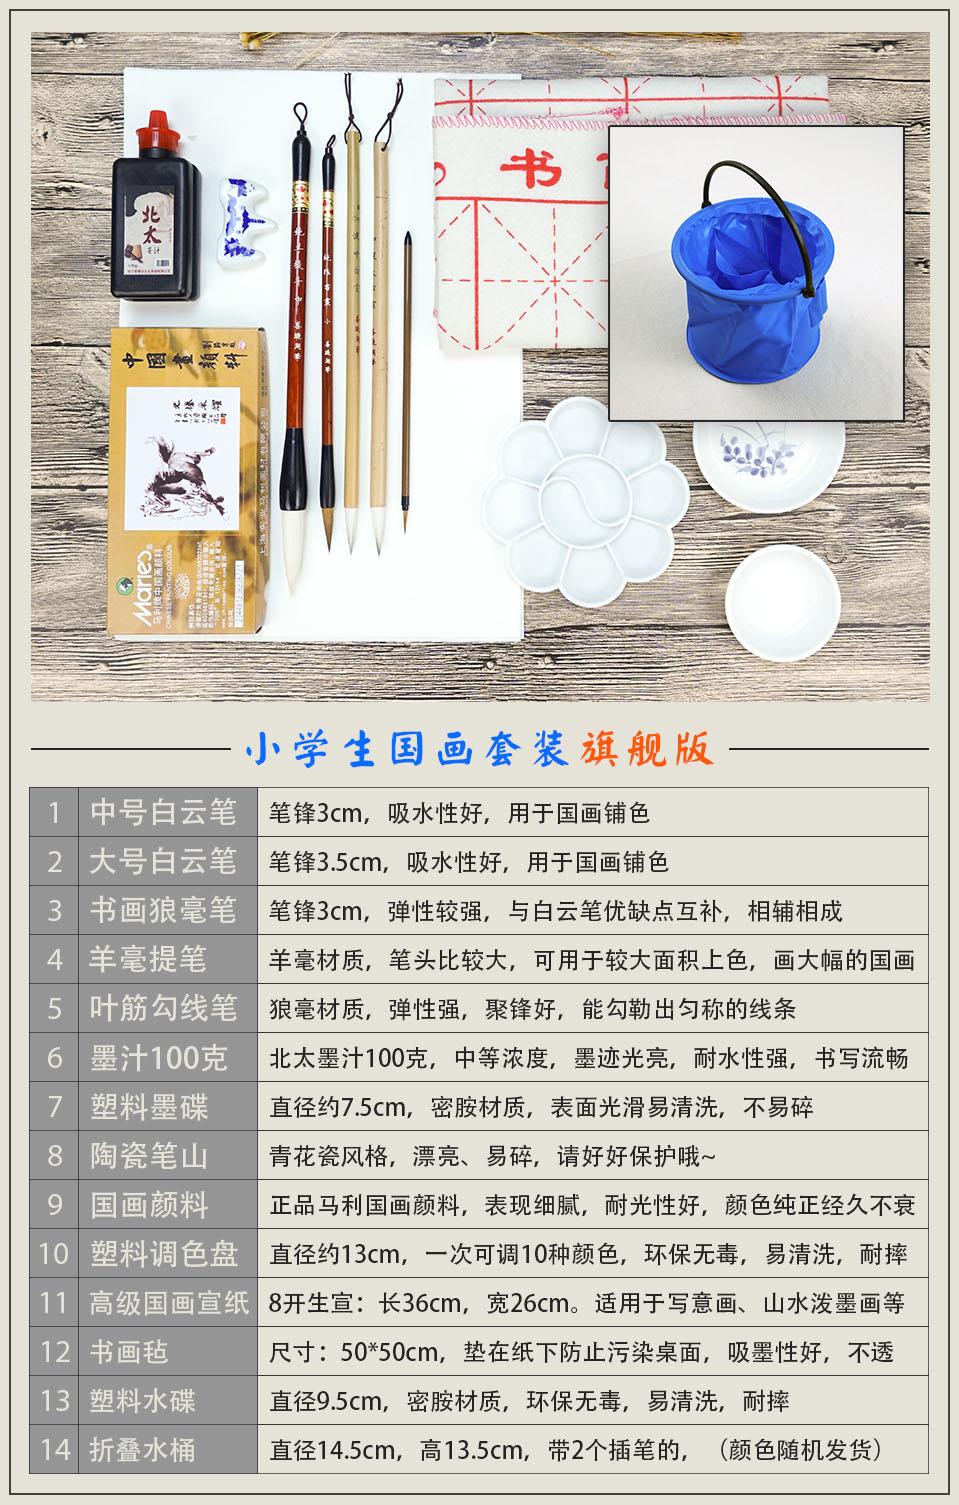 Bao rivestiti di entrata Nello Studio Quattro strumenti per principianti dipinto nel dipinto di Piccole scatole di strumenti di pigmenti DI STUDENTI cinesi